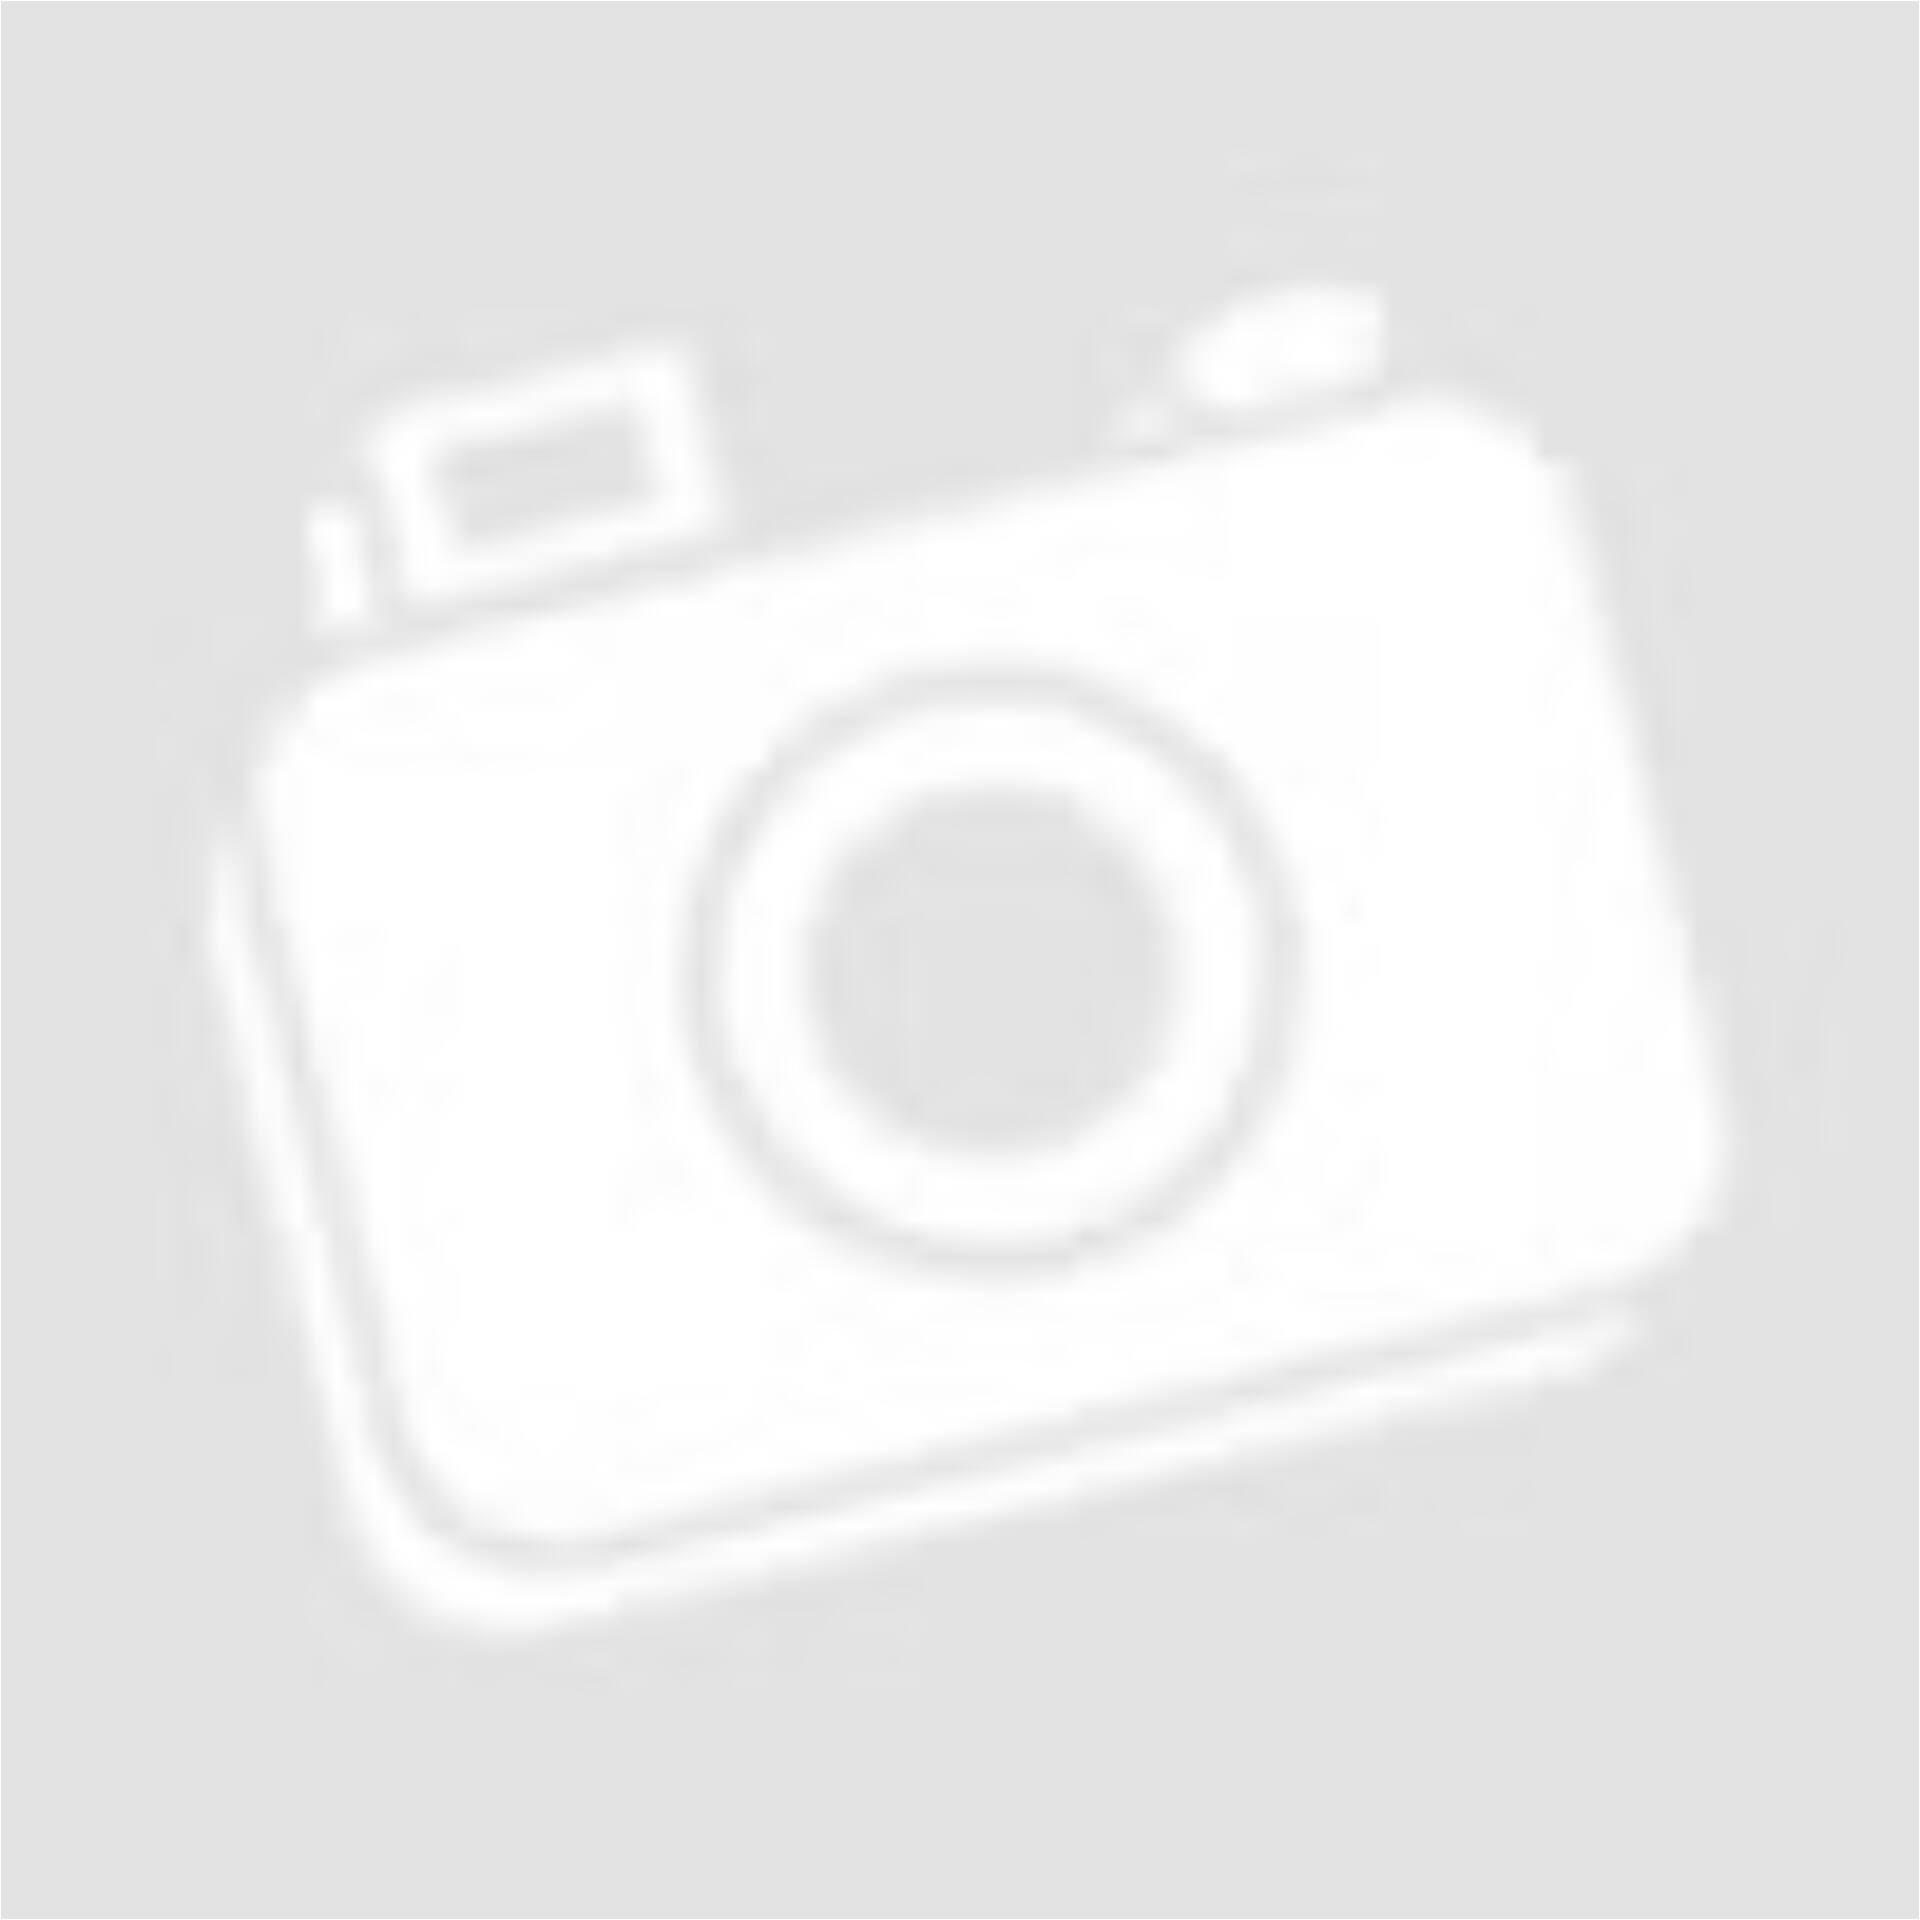 0d3c9b7a5e ZARA WOMAN fehér vékony felső (Méret: L) - Női felső, blúz, poncsó ...